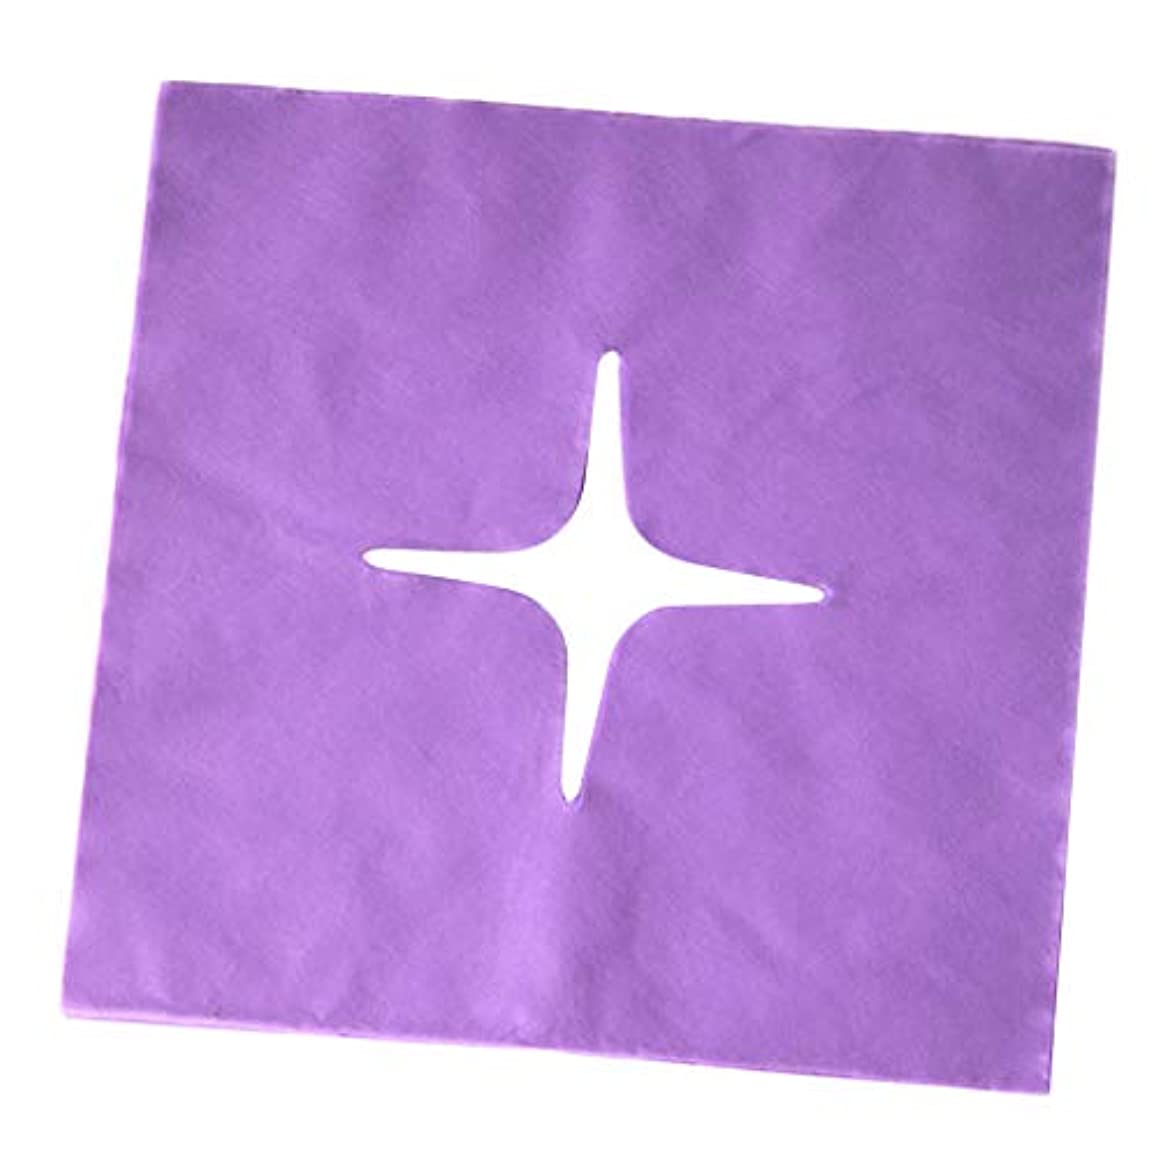 限界慢な維持するマッサージ フェイスクレードルカバー スパ用 美容院 ビューティーサロン マッサージサロン 全3色 - 紫の